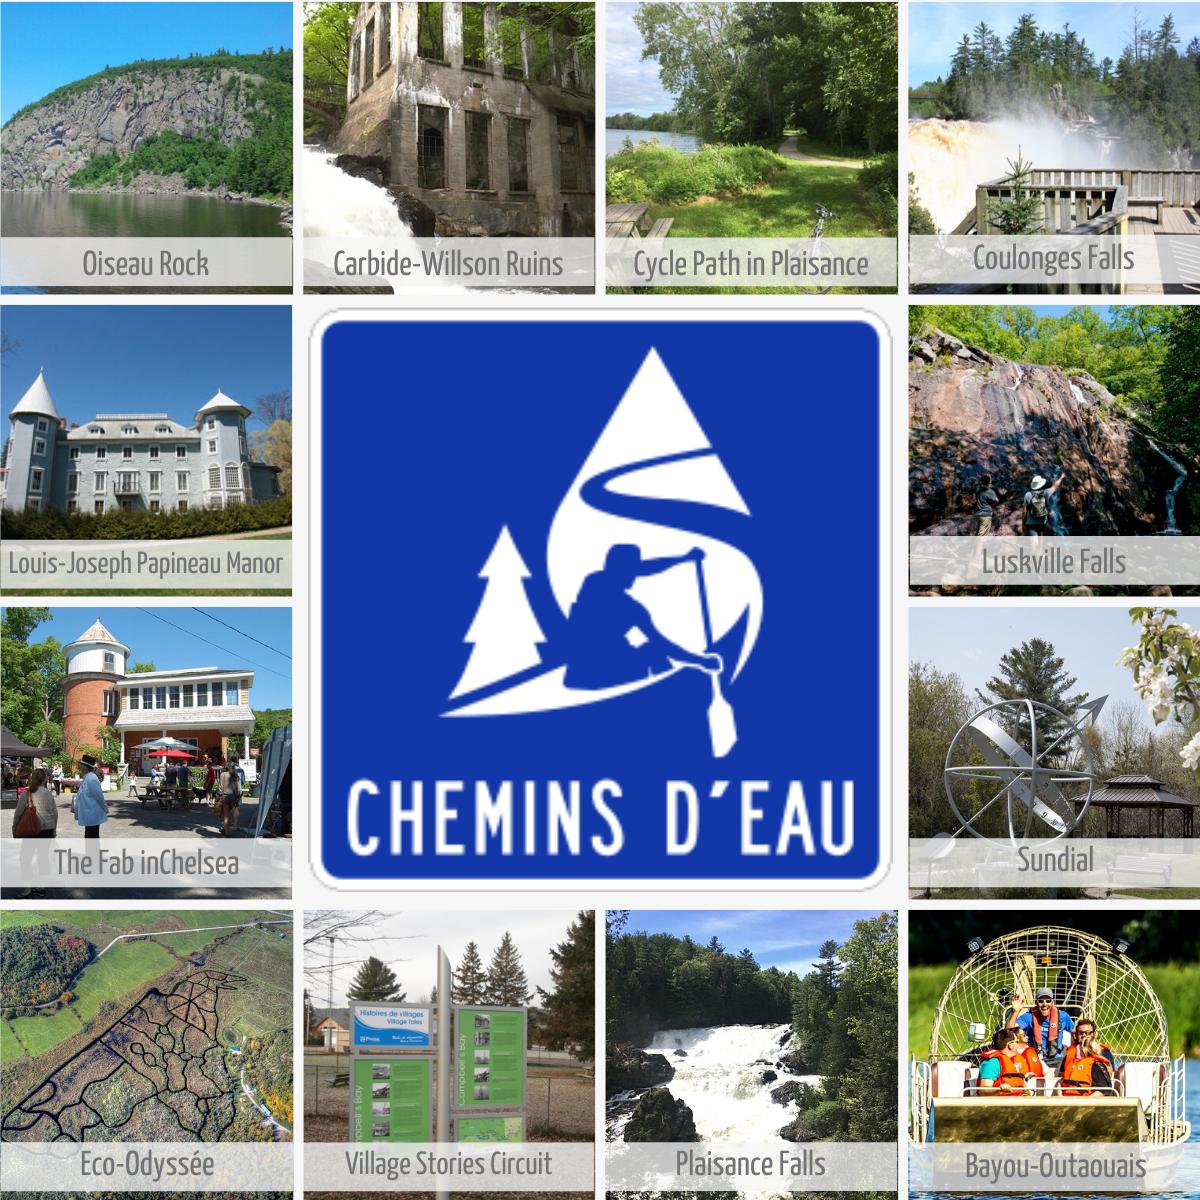 Chemins d'eau, touristic route in Outaouais